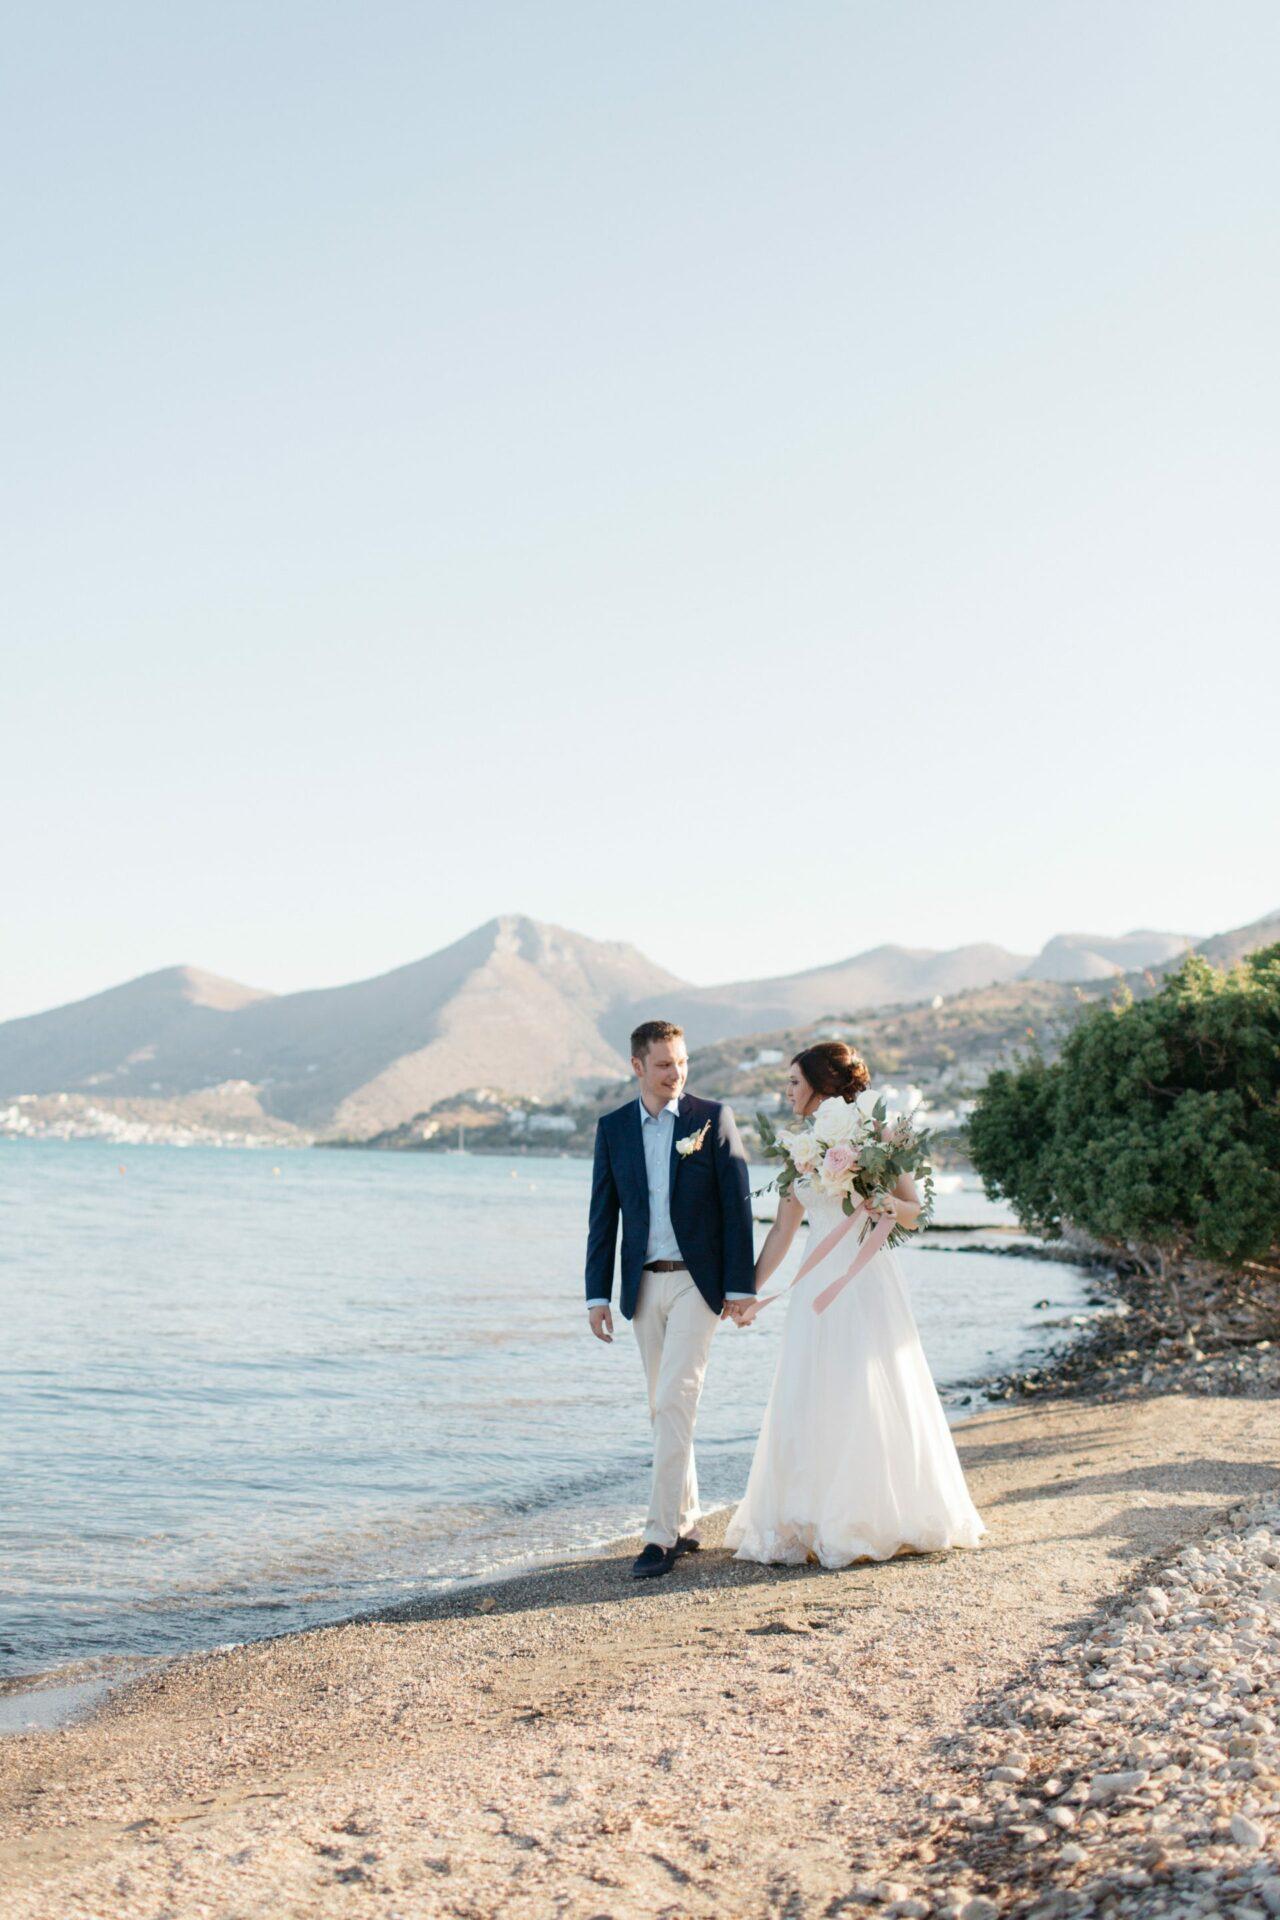 HM LF 0015 - Qui suis-je ? - Wedding planner - Organisation de Mariage en France, au Luxembourg, en italie, en provence, à la montagne